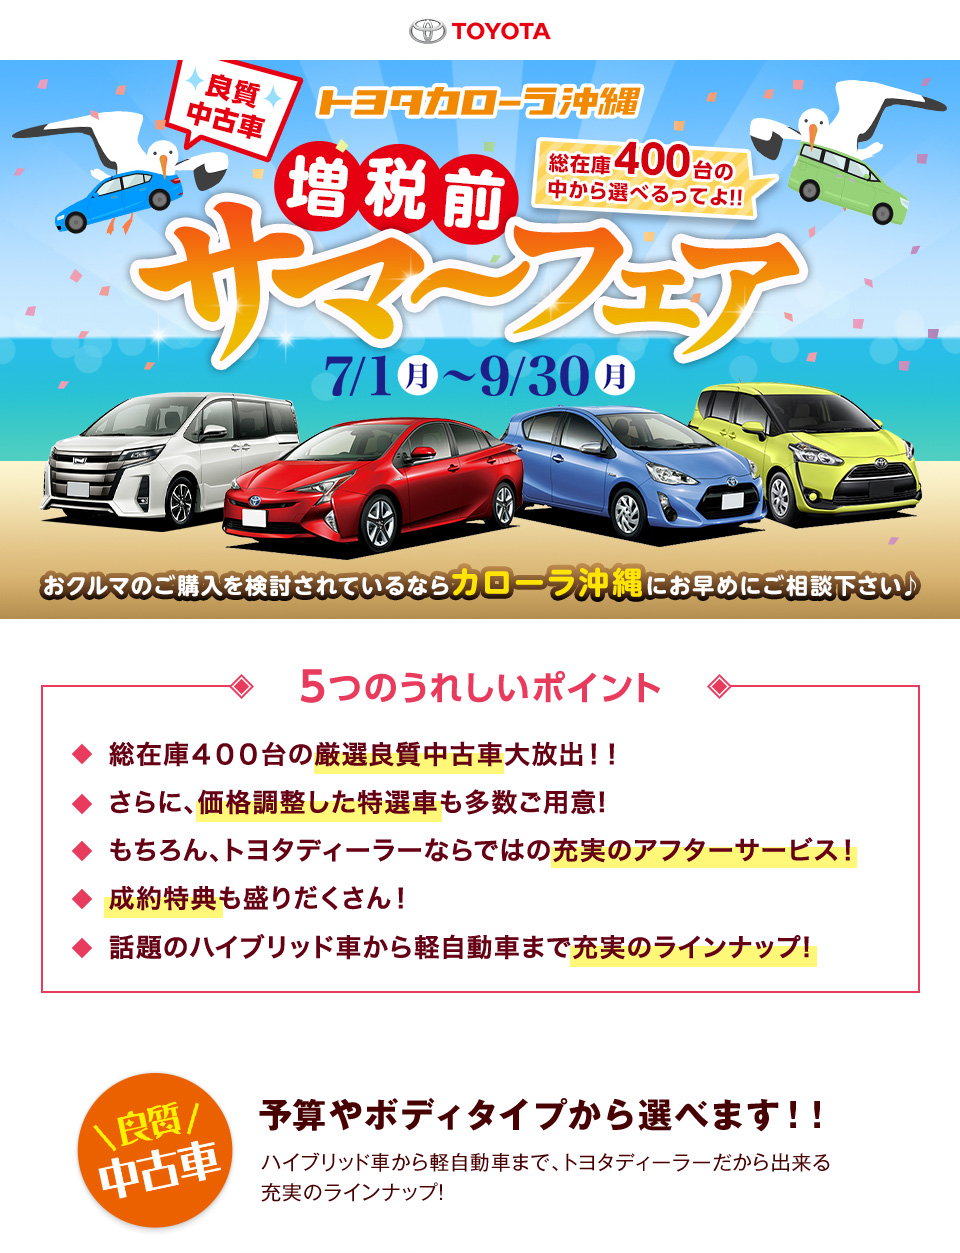 トヨタカローラ沖縄『増税前 サマーフェア』開催中!! 2019年7月1日~9月30日まで